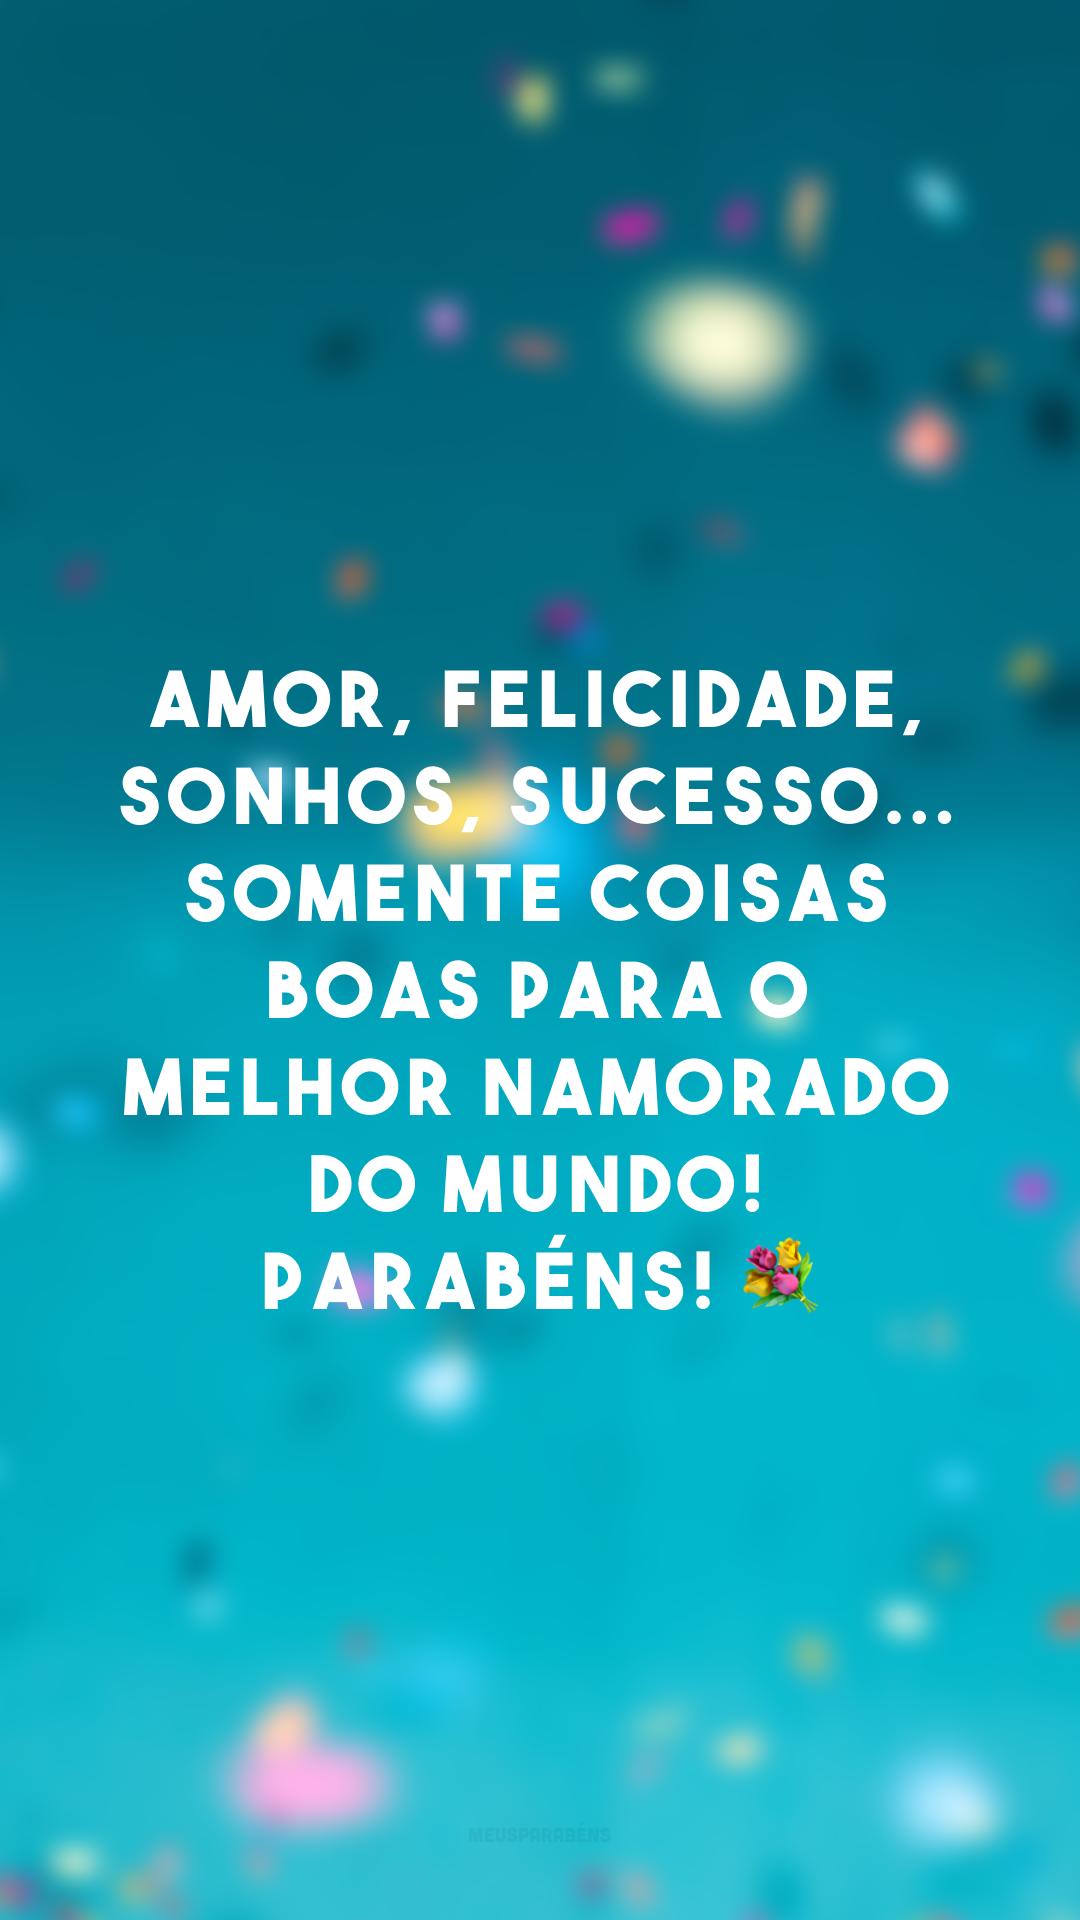 Amor, felicidade, sonhos, sucesso... Somente coisas boas para o melhor namorado do mundo! Parabéns! 💐